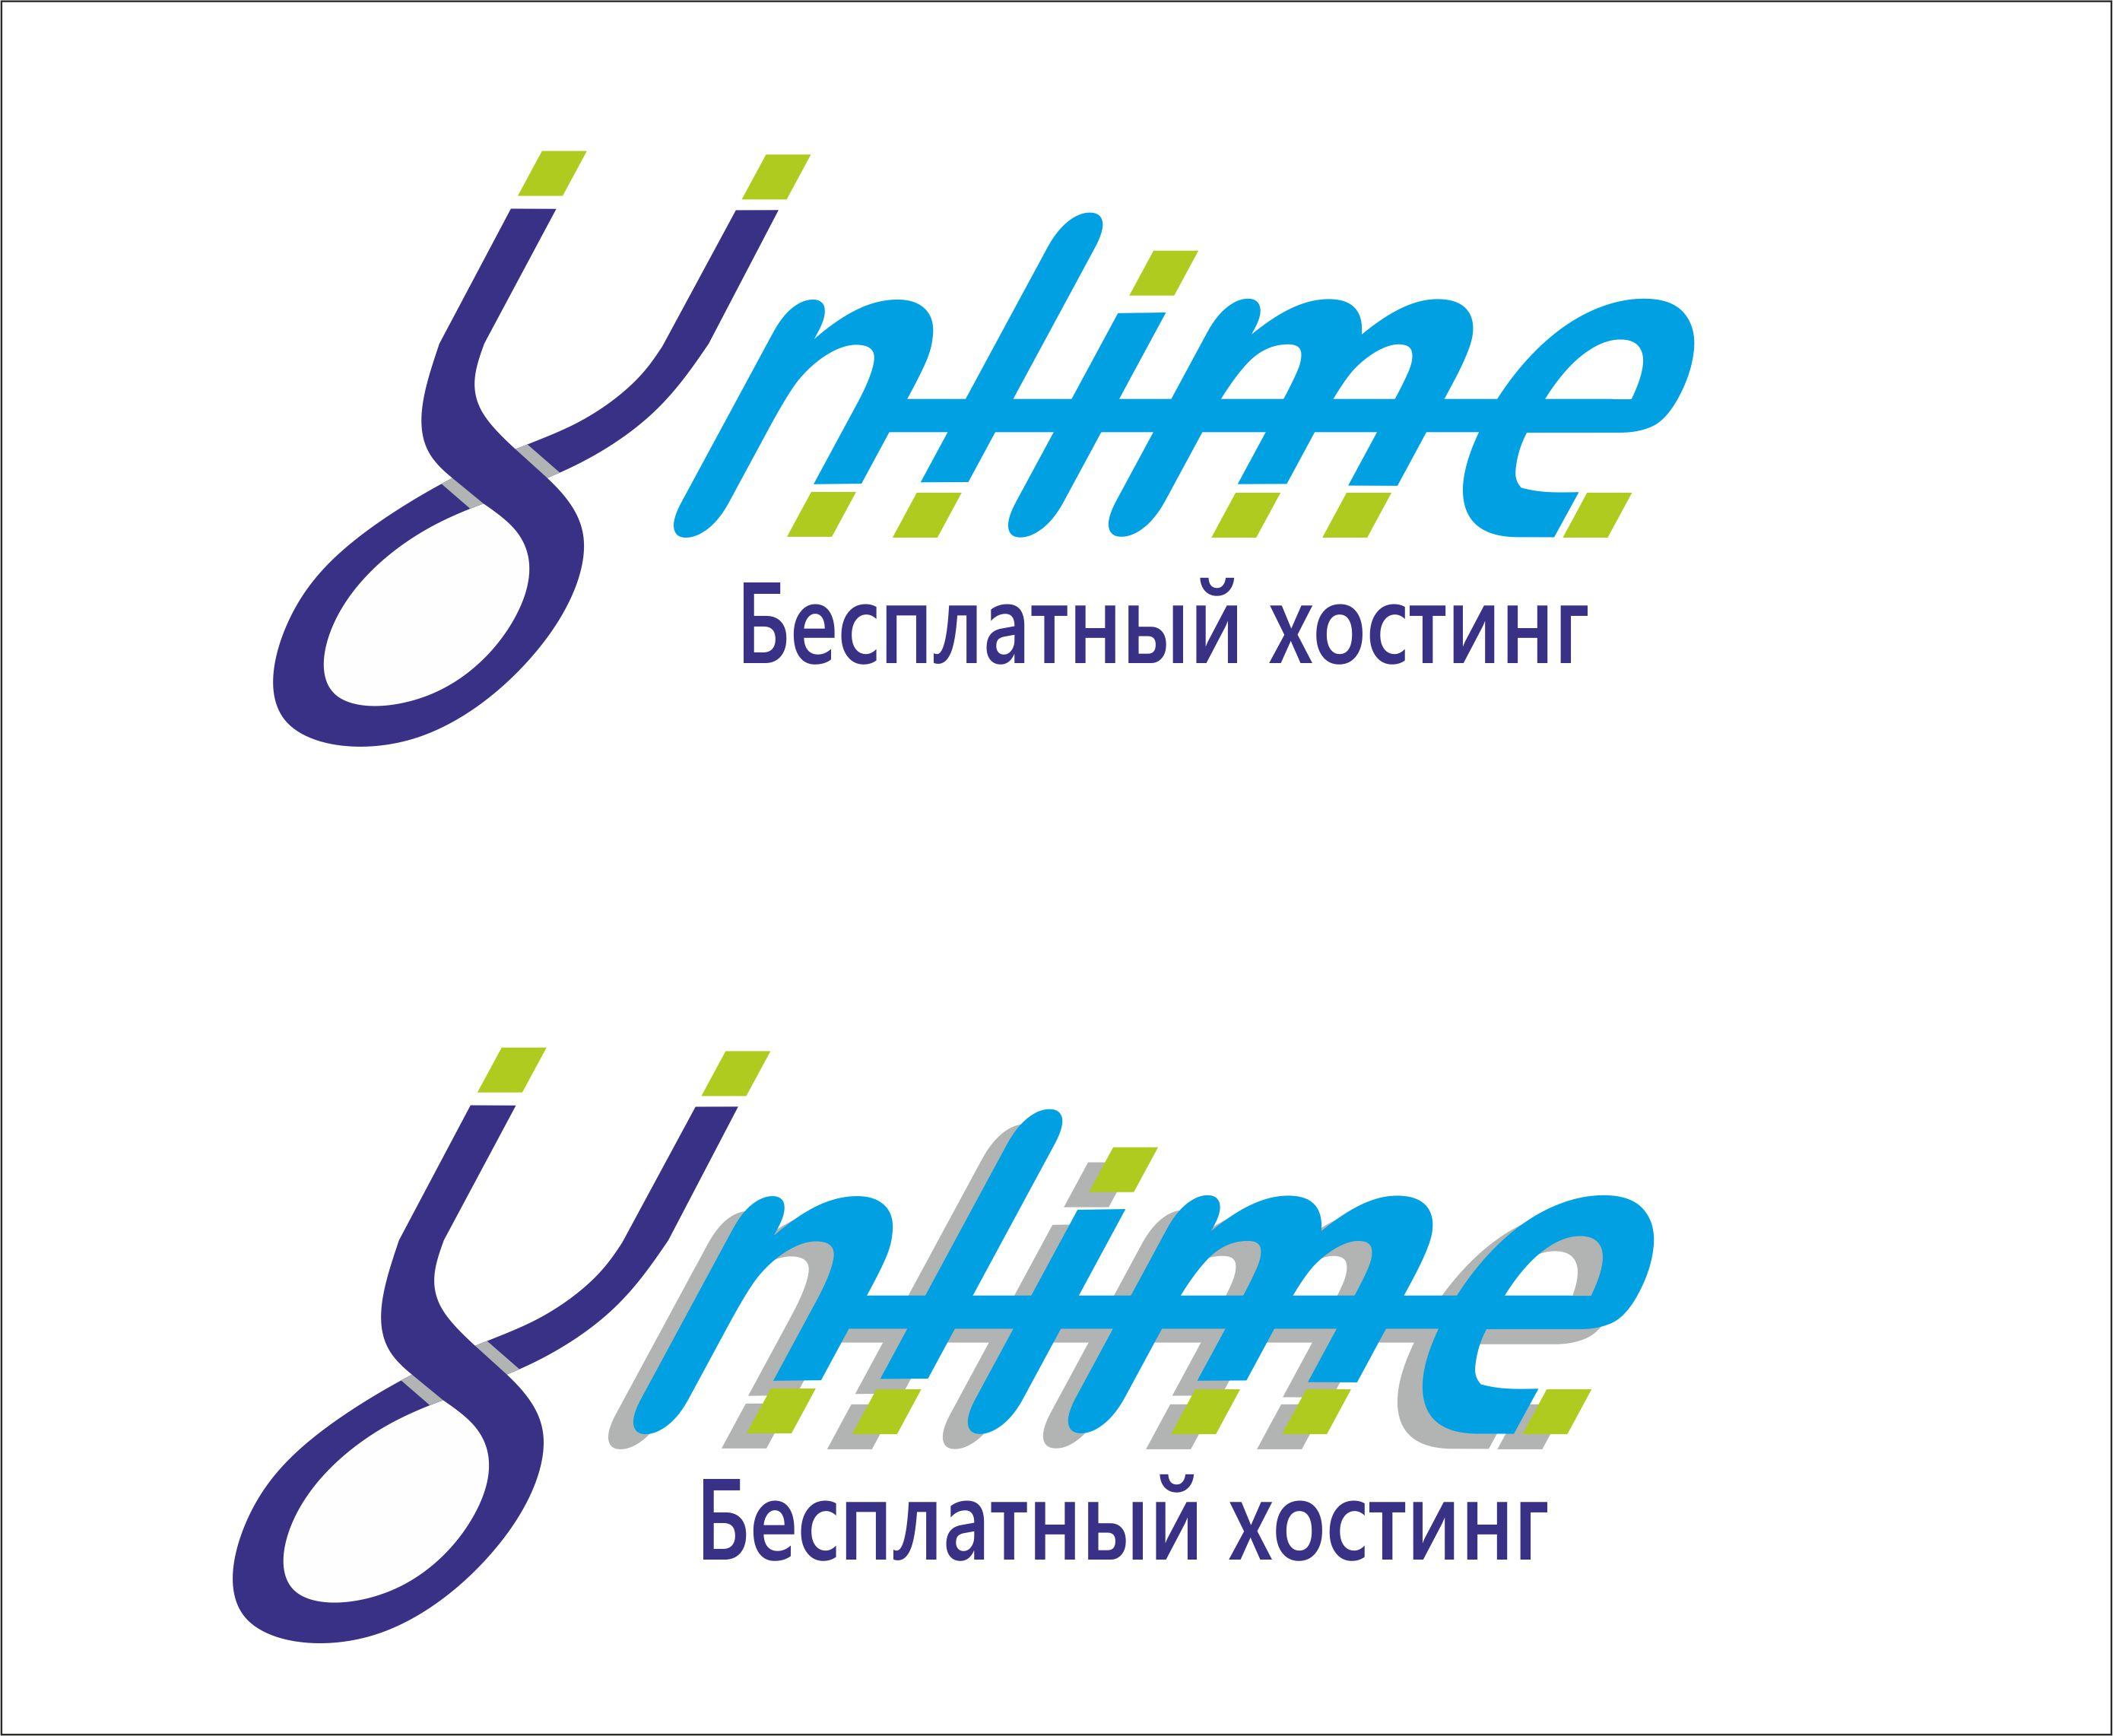 Разработка логотипа и фирменного стиля фото f_278594c169579bc5.jpg